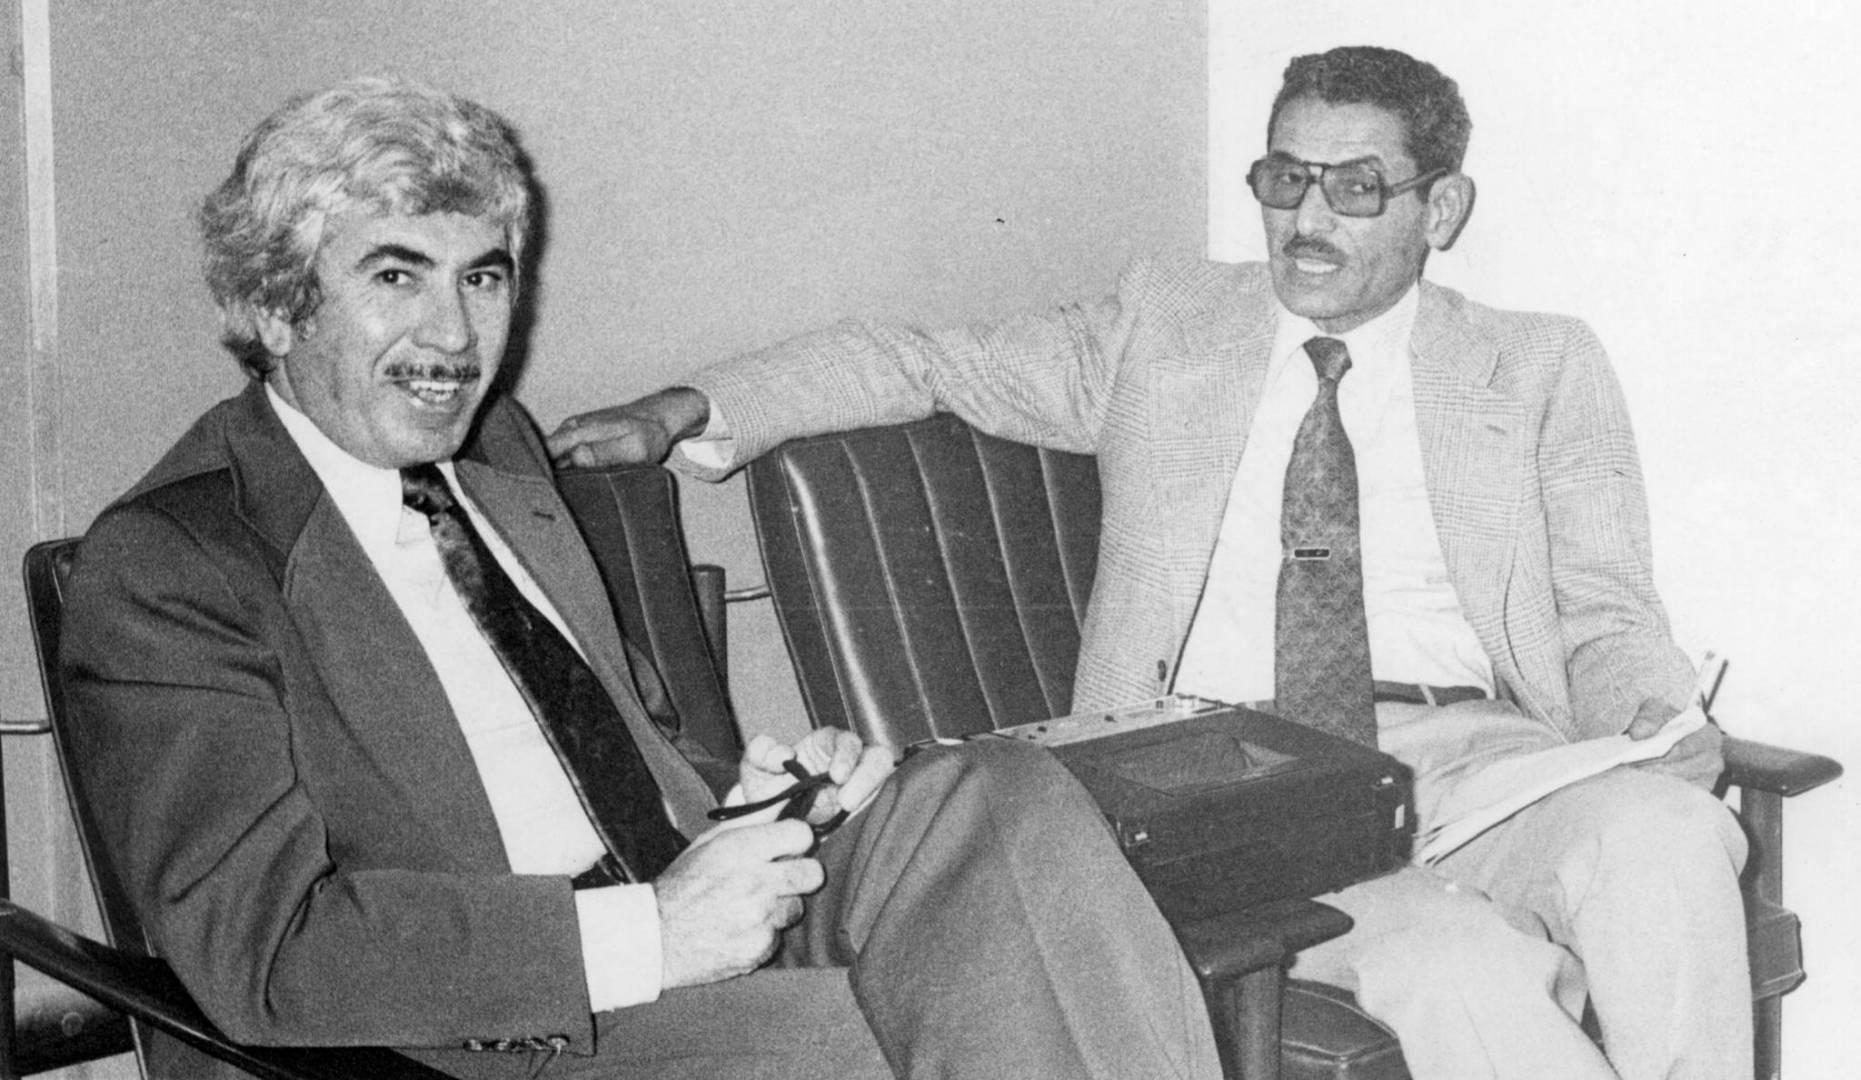 الدكتور كمال الصايغ يتحدث لـ«القبس».. صورة أرشيفية